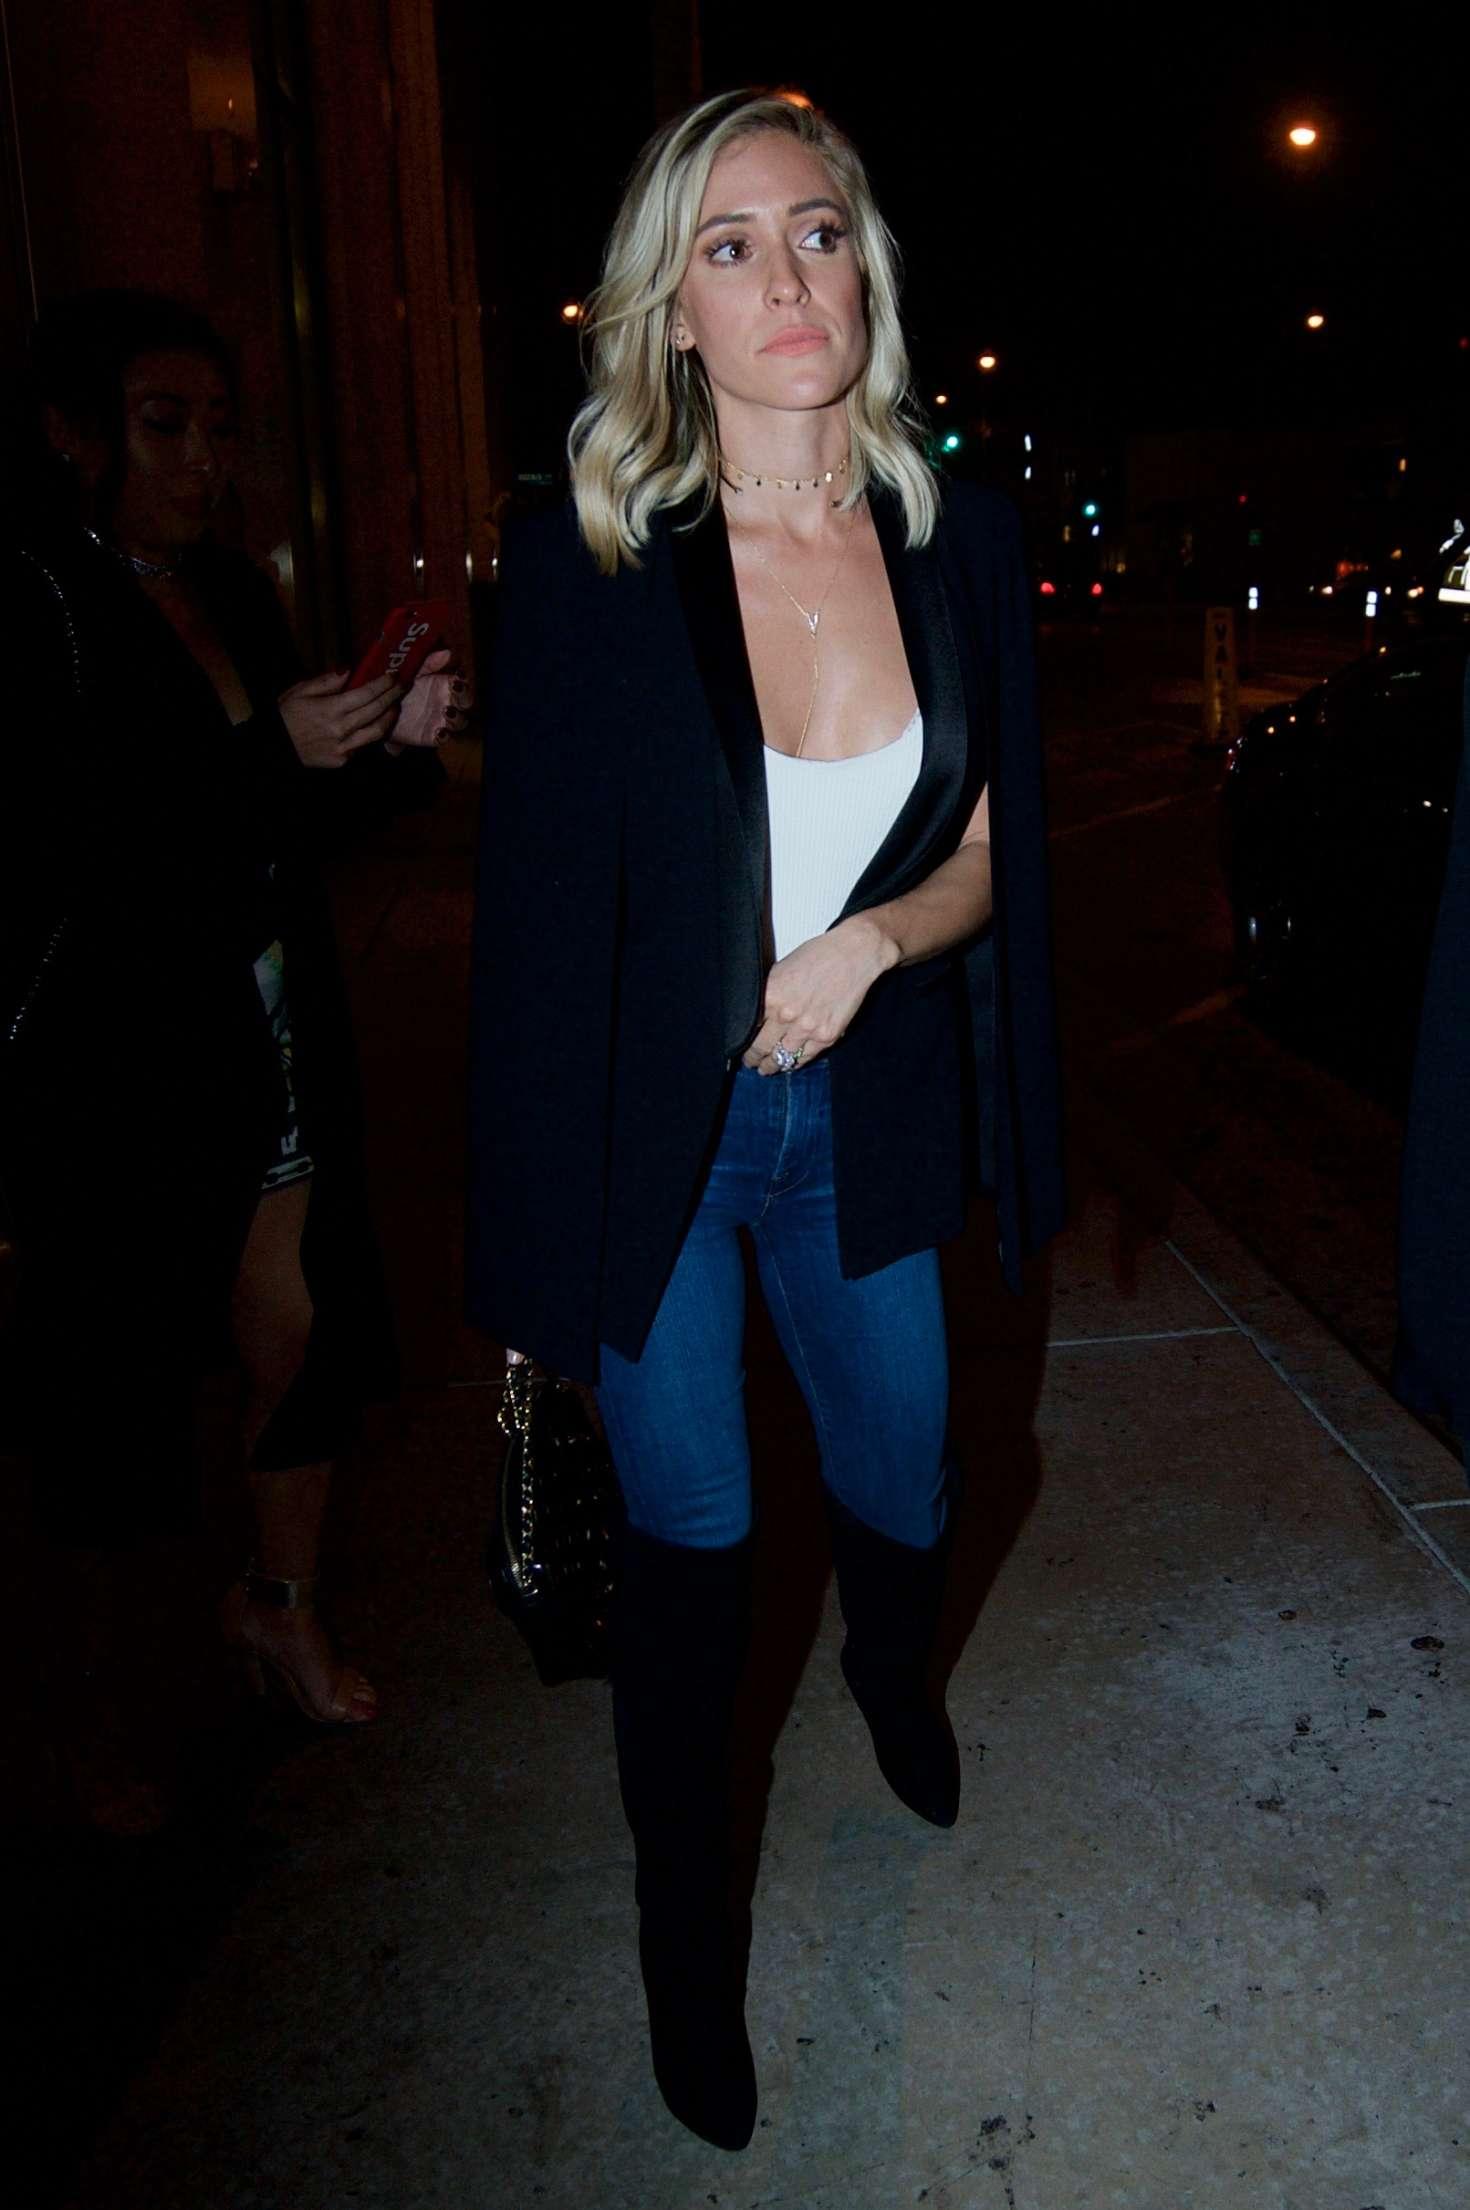 Kristin Cavallari - Leaving Catch restaurant in Los Angeles